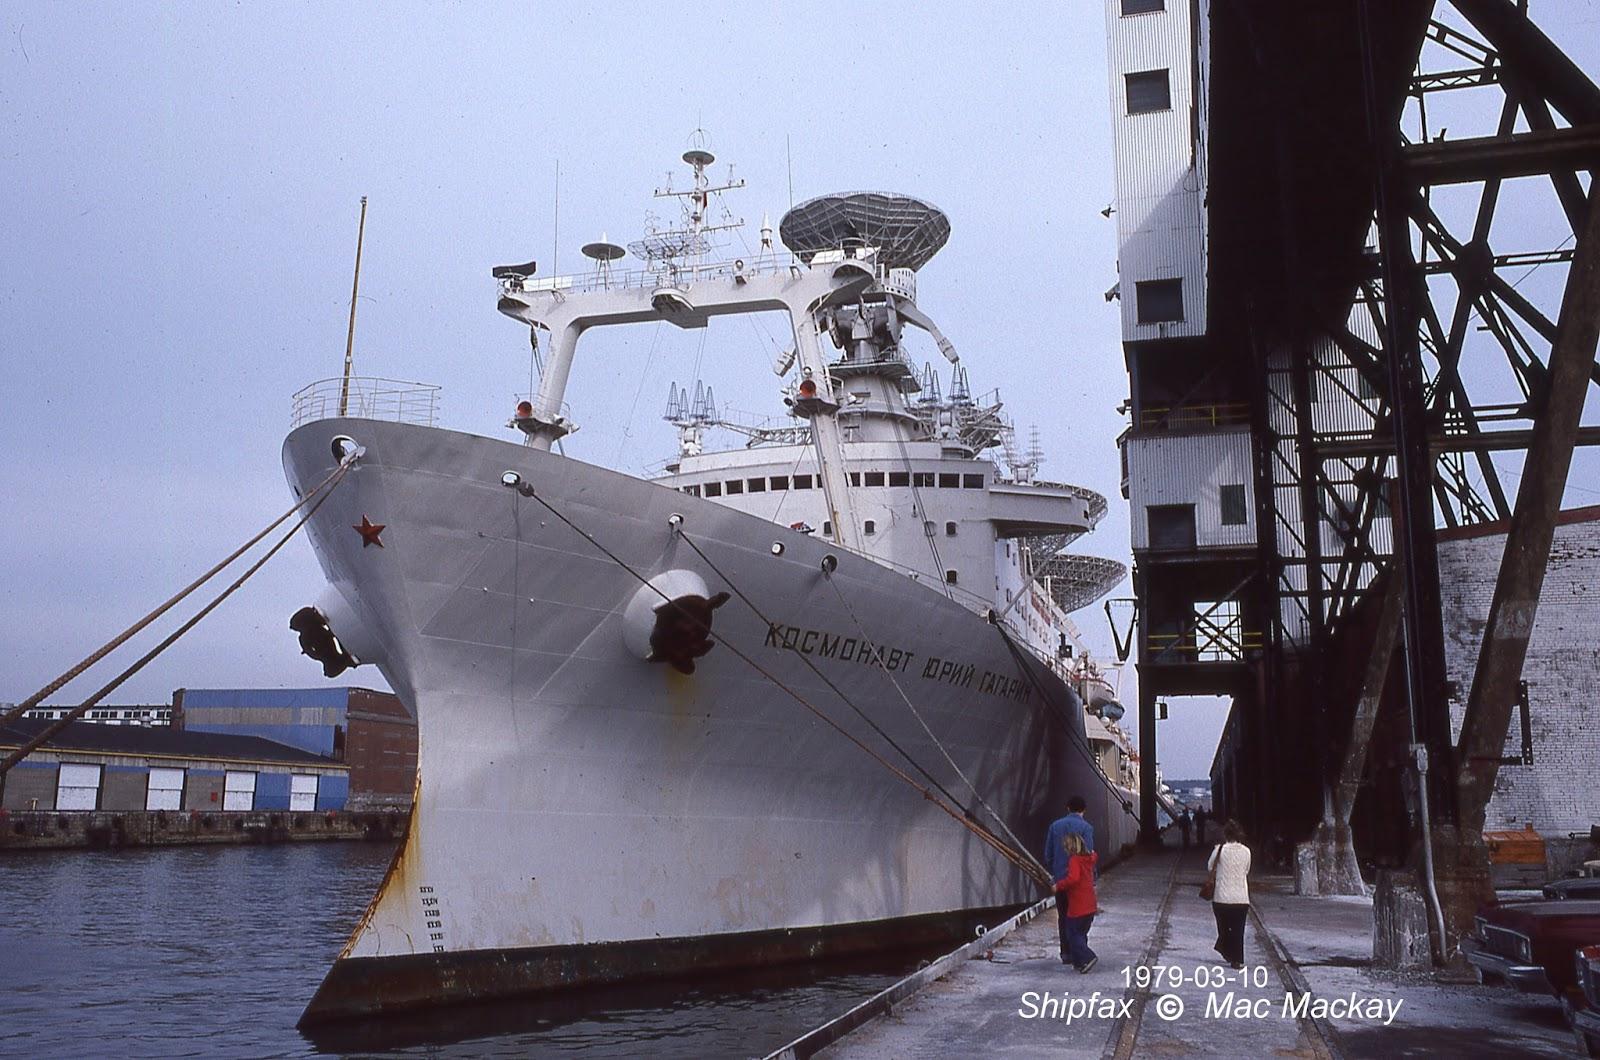 gagarin ship - photo #46